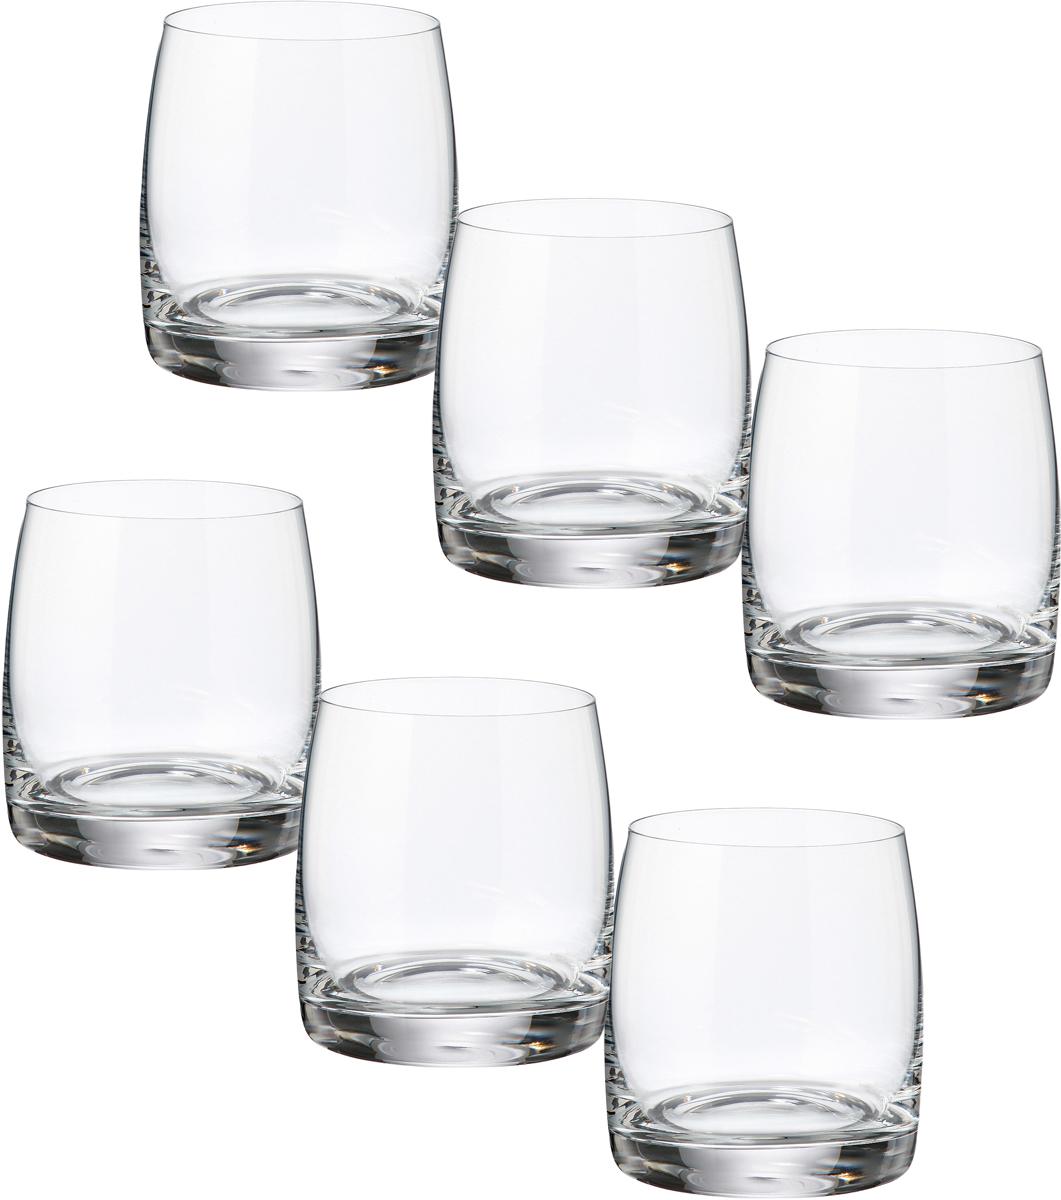 Набор бокалов для виски Bohemia Crystall Идеал, 290 мл, 6 шт25015`290Набор бокалов для виски Bohemia Crystall Идеал состоит из 6 бокалов, выполненных из богемского стекла.Богемское стекло - это дутое стекло, которое изготовляется в Чехии с незапамятных времен. Свое название это стекло унаследовало от названия местности Богемия, в котором много лет назад проживали кельтские племена. В Средние века монах Теофил придумал новую методику изготовления богемского стекла при помощи добавления в состав буковой золы и кремниевого песка. В XV - XVI веках появляется цветное богемское стекло. Стеклодувы получали различные оттенки материала путем добавления в состав различных минералов: фосфор, золото, марганец, оксид железа, титан и другие. Сегодня эта чешская продукция славится за соединение многовековых традиций и новейших веяний в области дизайна. Богемское стекло и хрусталь всегда в моде. Купив их, вы точно не ошибетесь.